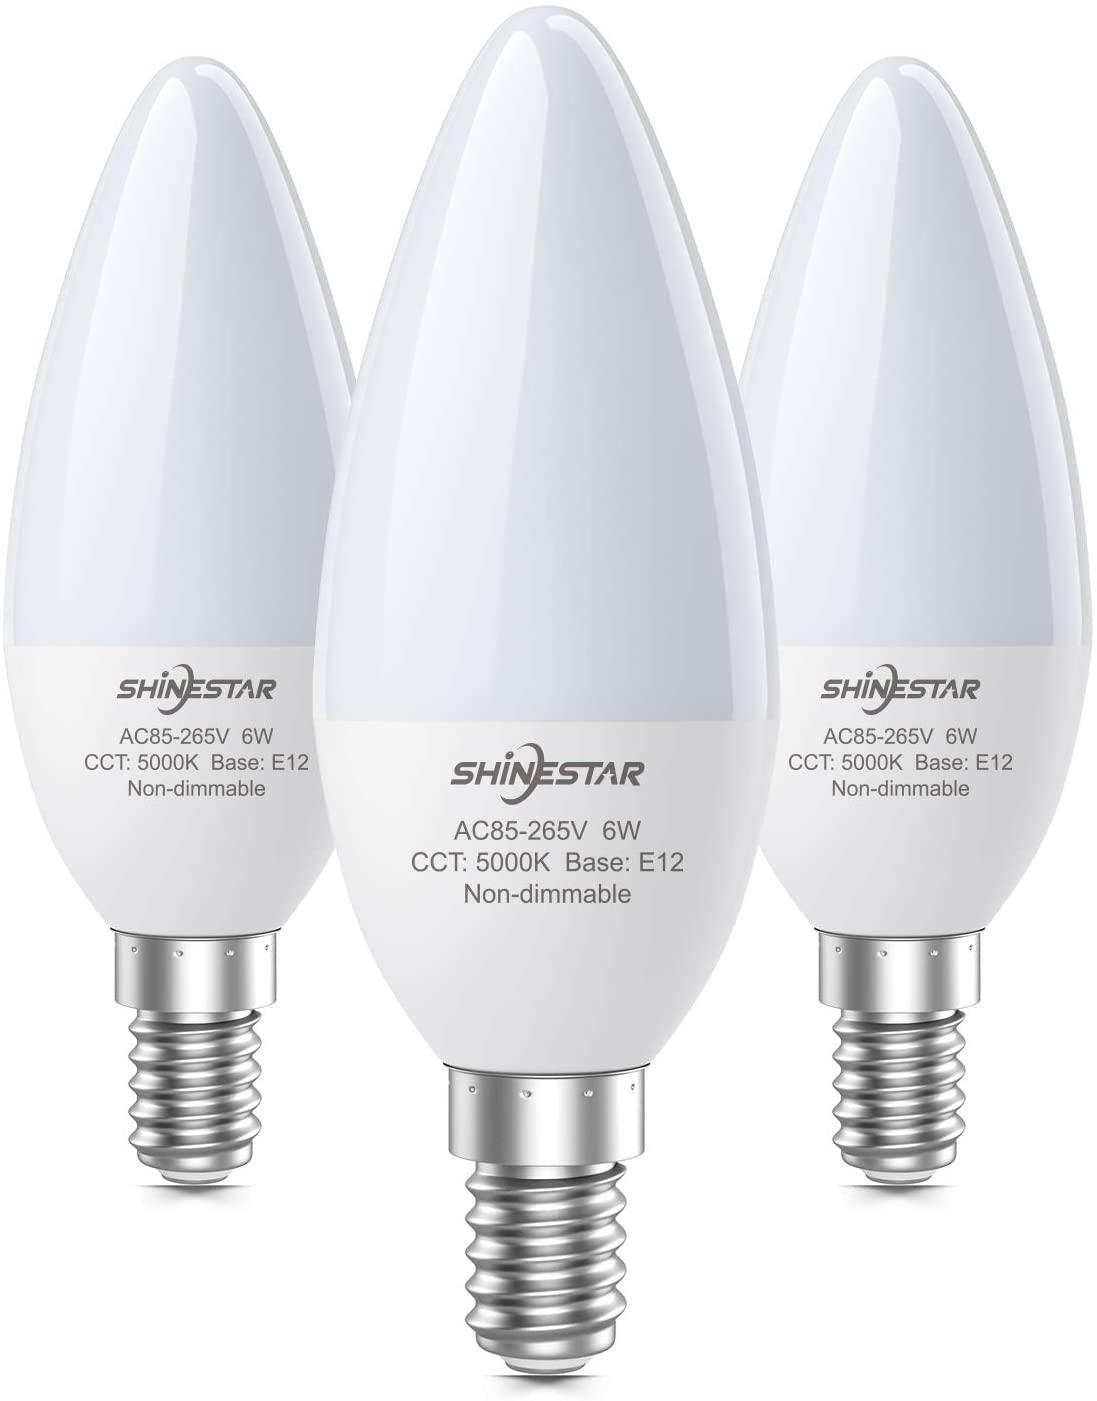 3-Pack E12 LED Ceiling Fan Light Bulbs 60W Equivalent, 5000K Daylight Candelabra Base Type B Light Bulb for Chandelier, Non-dimmable